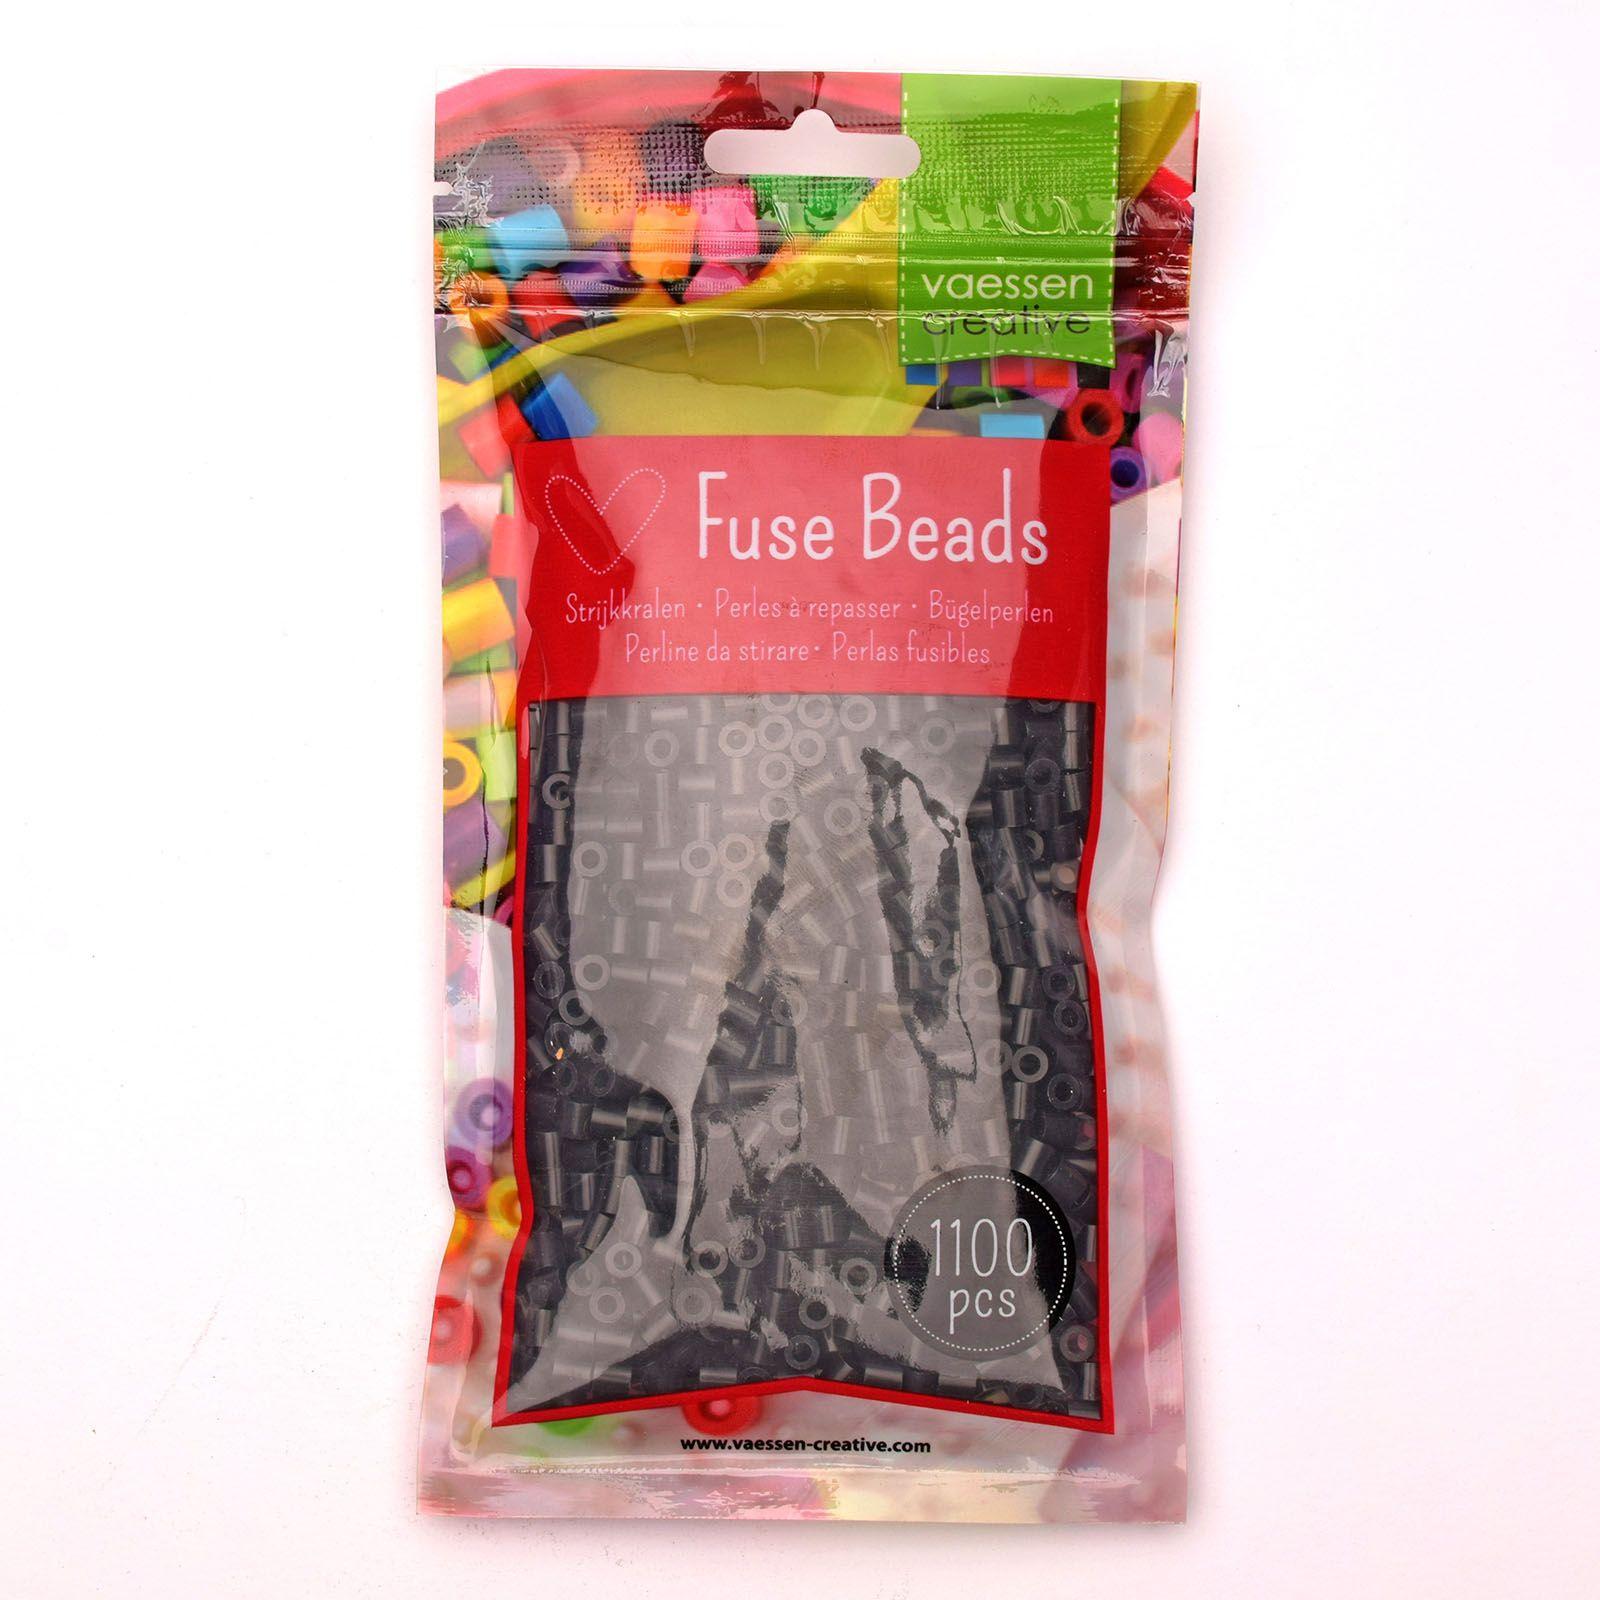 Sachet de 1100 perles à repasser - Ø 5 mm Coloris noir